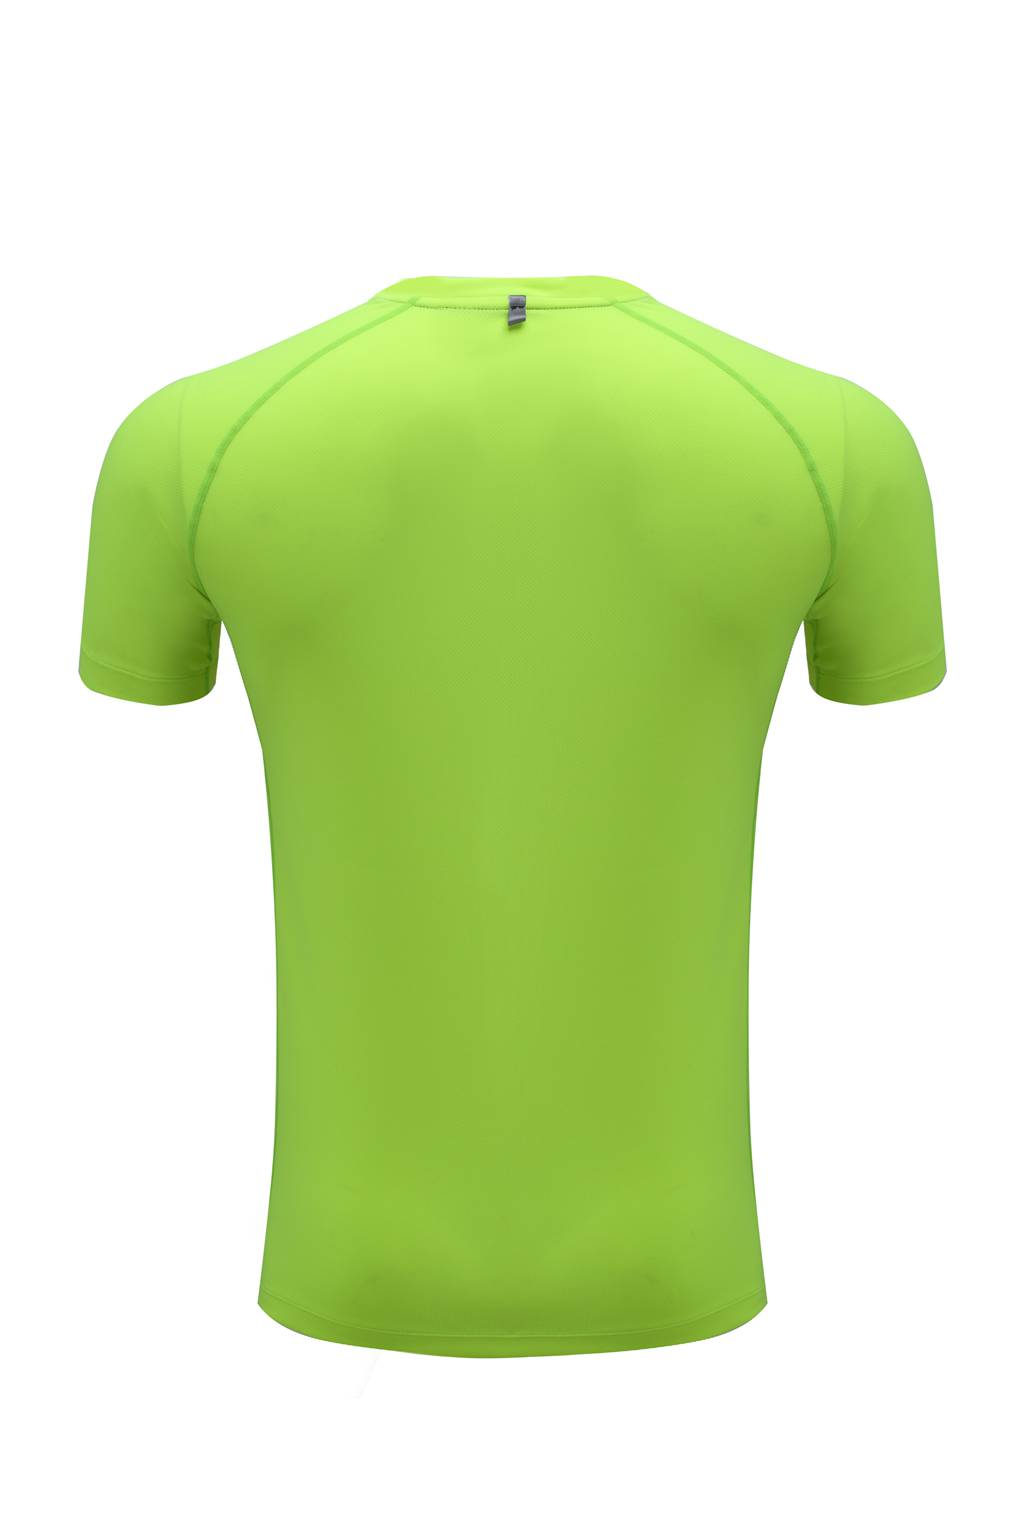 高档速干T恤  男女情侣衫  绿色3D图